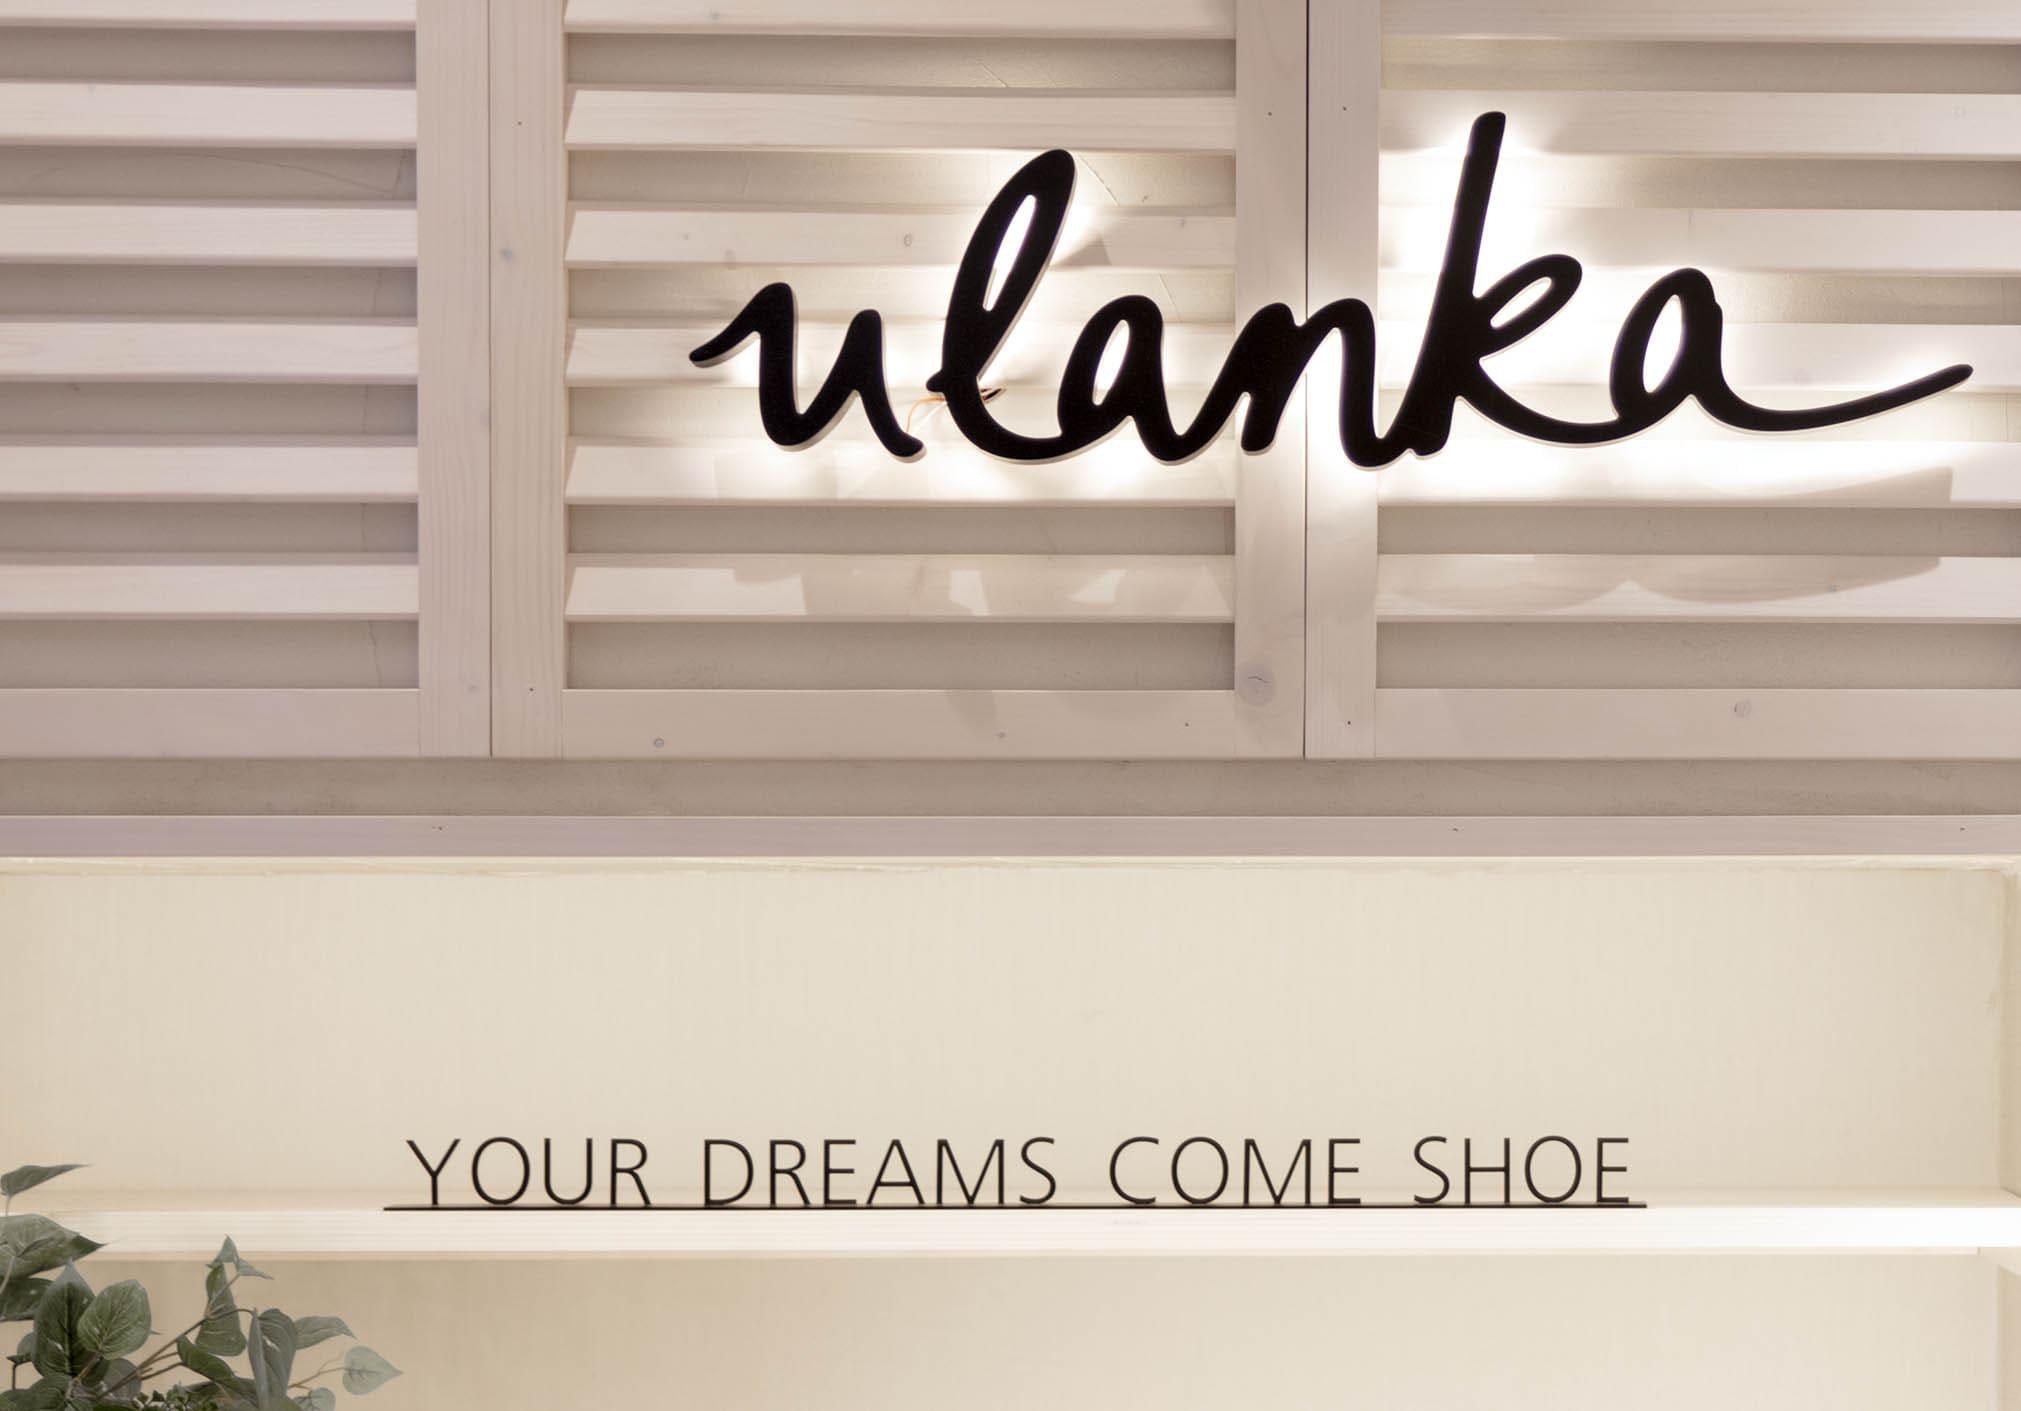 precio asombroso mejor precio para lindos zapatos Zapatos online, botas y calzado en Ulanka.com